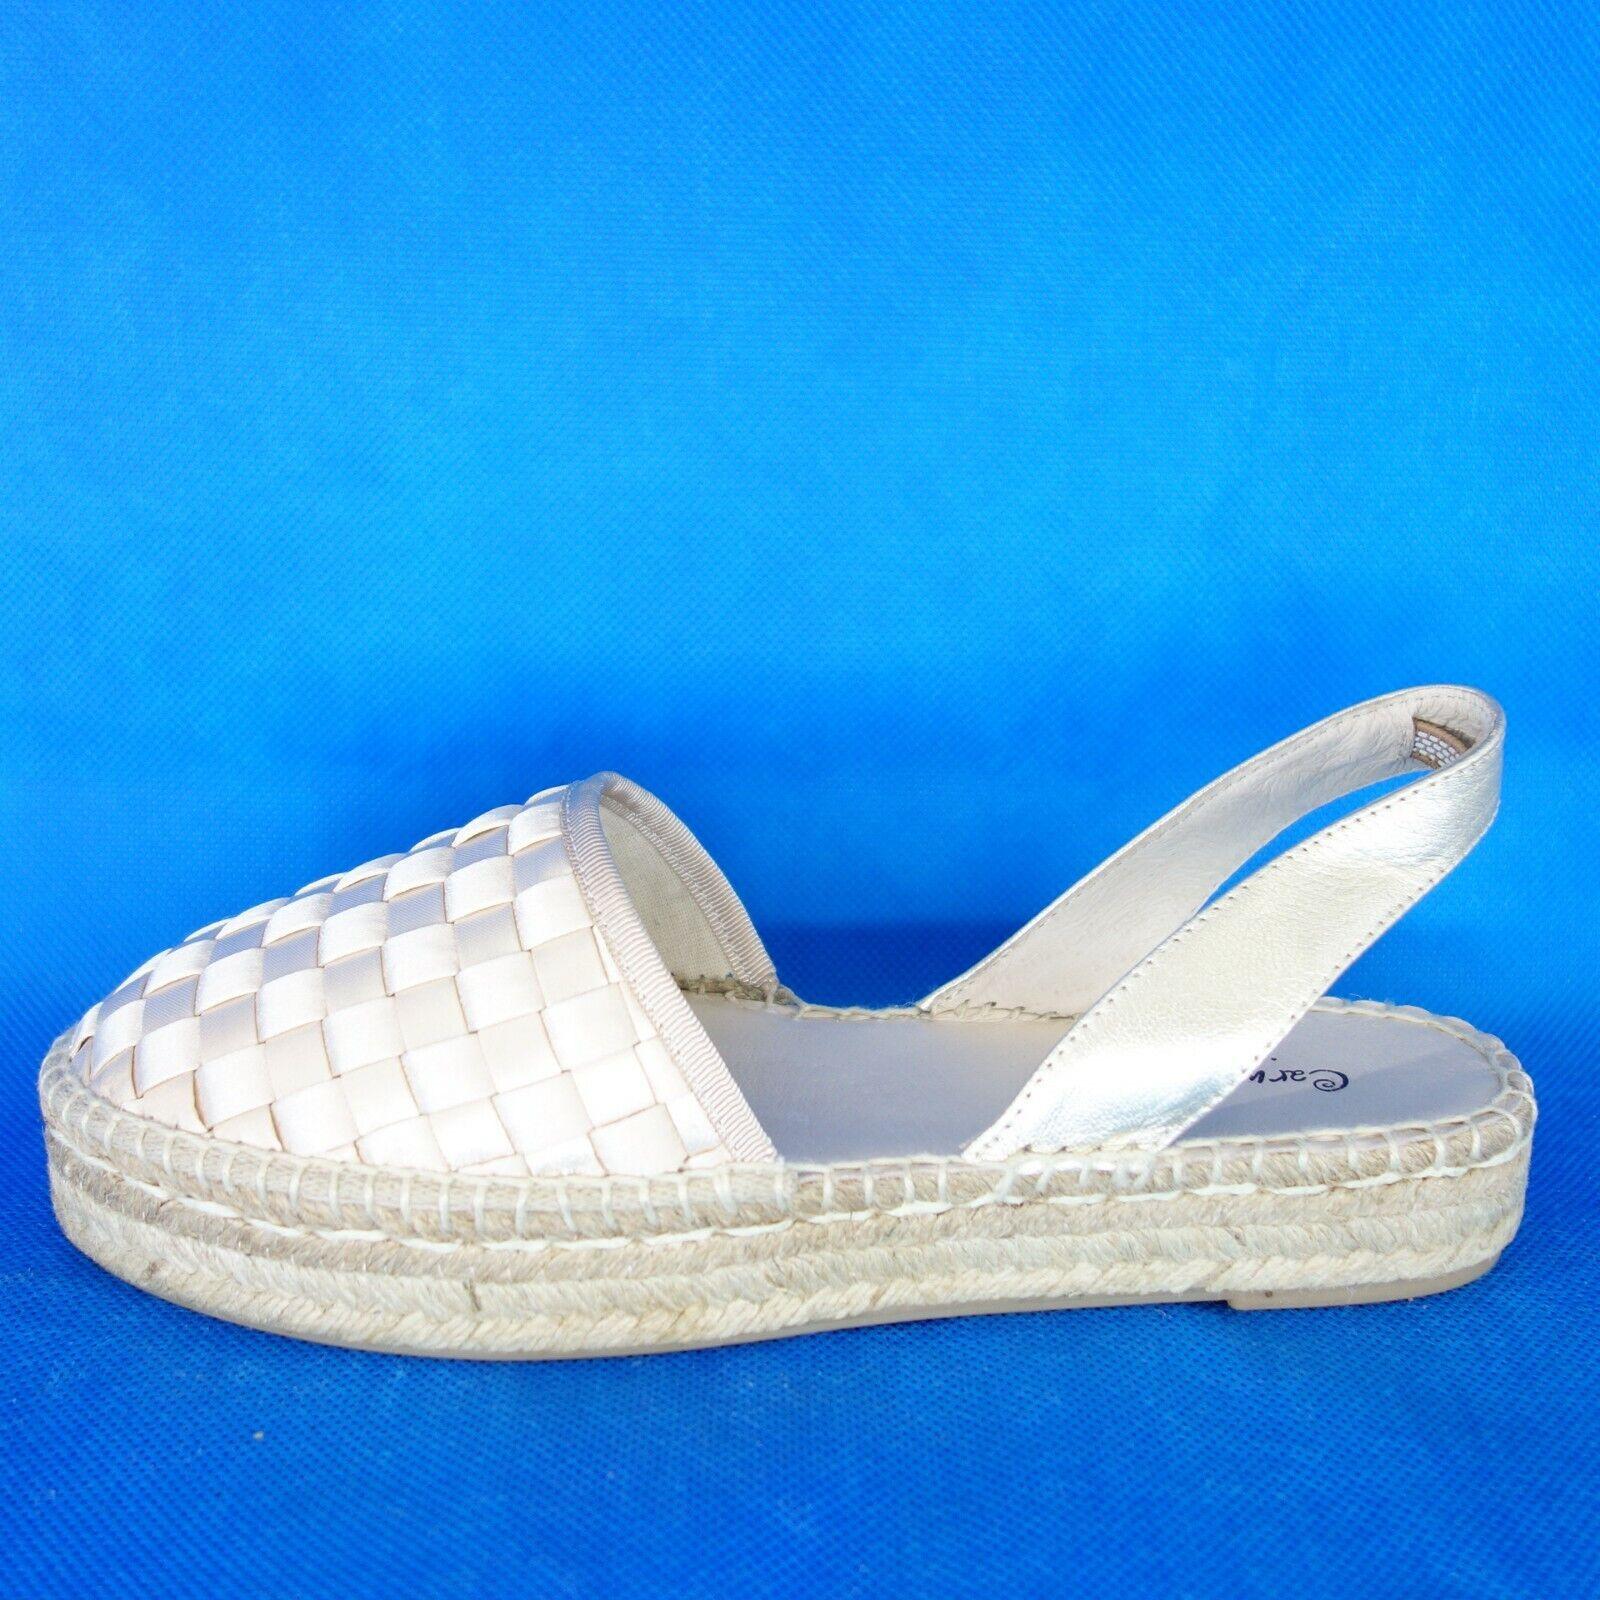 encuentra tu favorito aquí Carmen Saiz Sandalias Zapatos de las Señoras Señoras Señoras Alpargatas Gr 36 37 38 39 40 Cuero  artículos de promoción